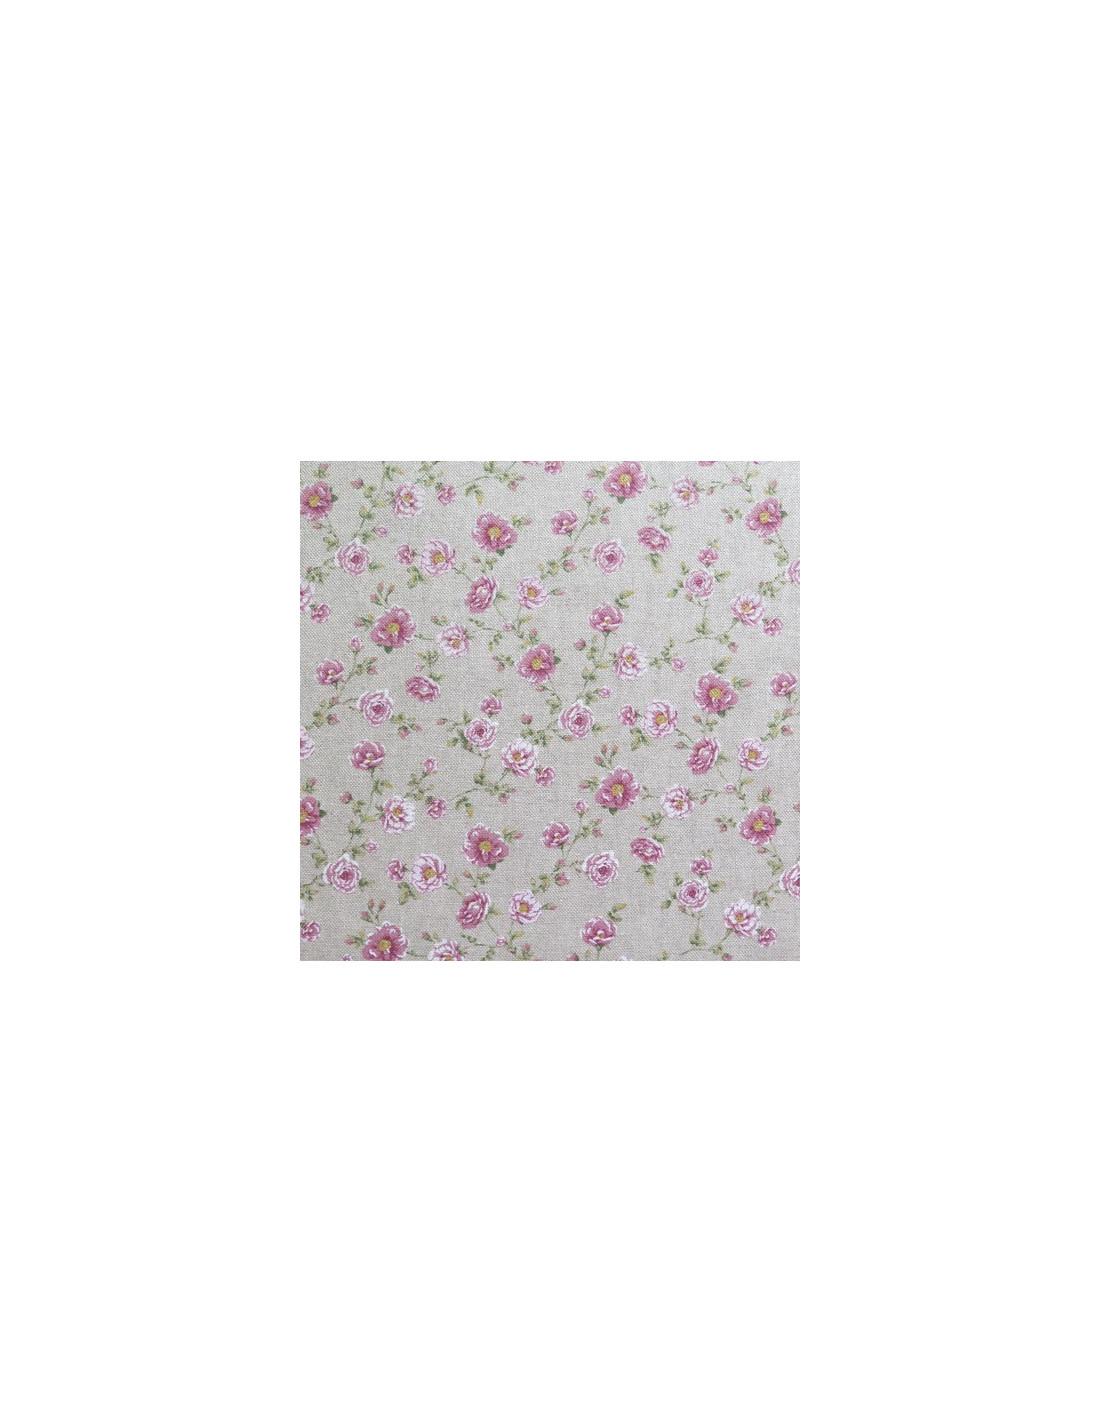 tissu au m tre en coton aspect lin avec motifs fleuris. Black Bedroom Furniture Sets. Home Design Ideas